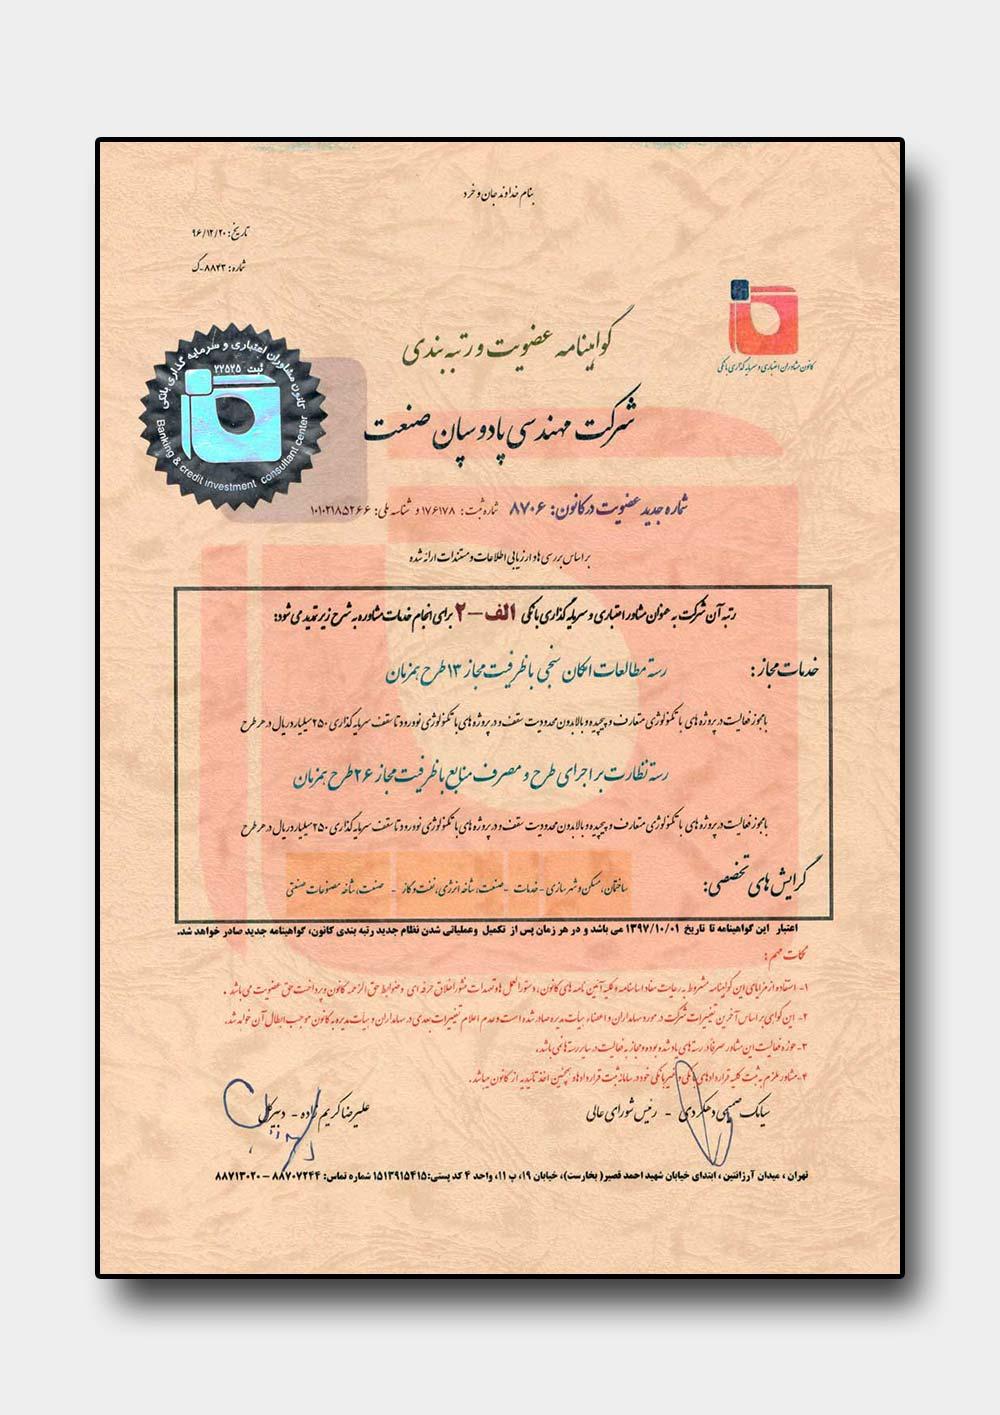 تصویر گواهینامه عضویت و رتبه بندی از کانون مشاوران اعتباری و سرمایه گذاری بانکی